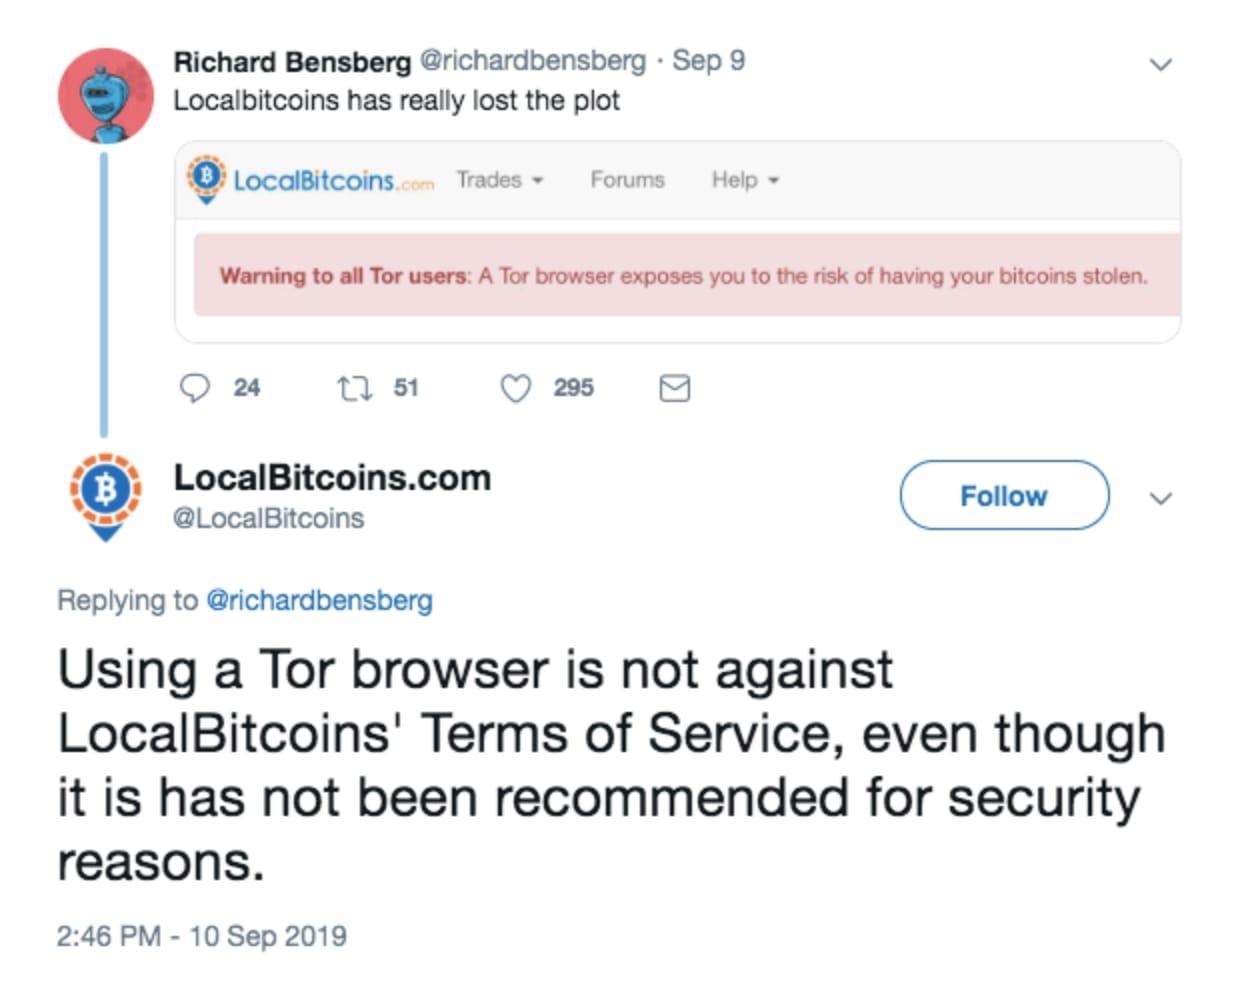 localbitcoin.com